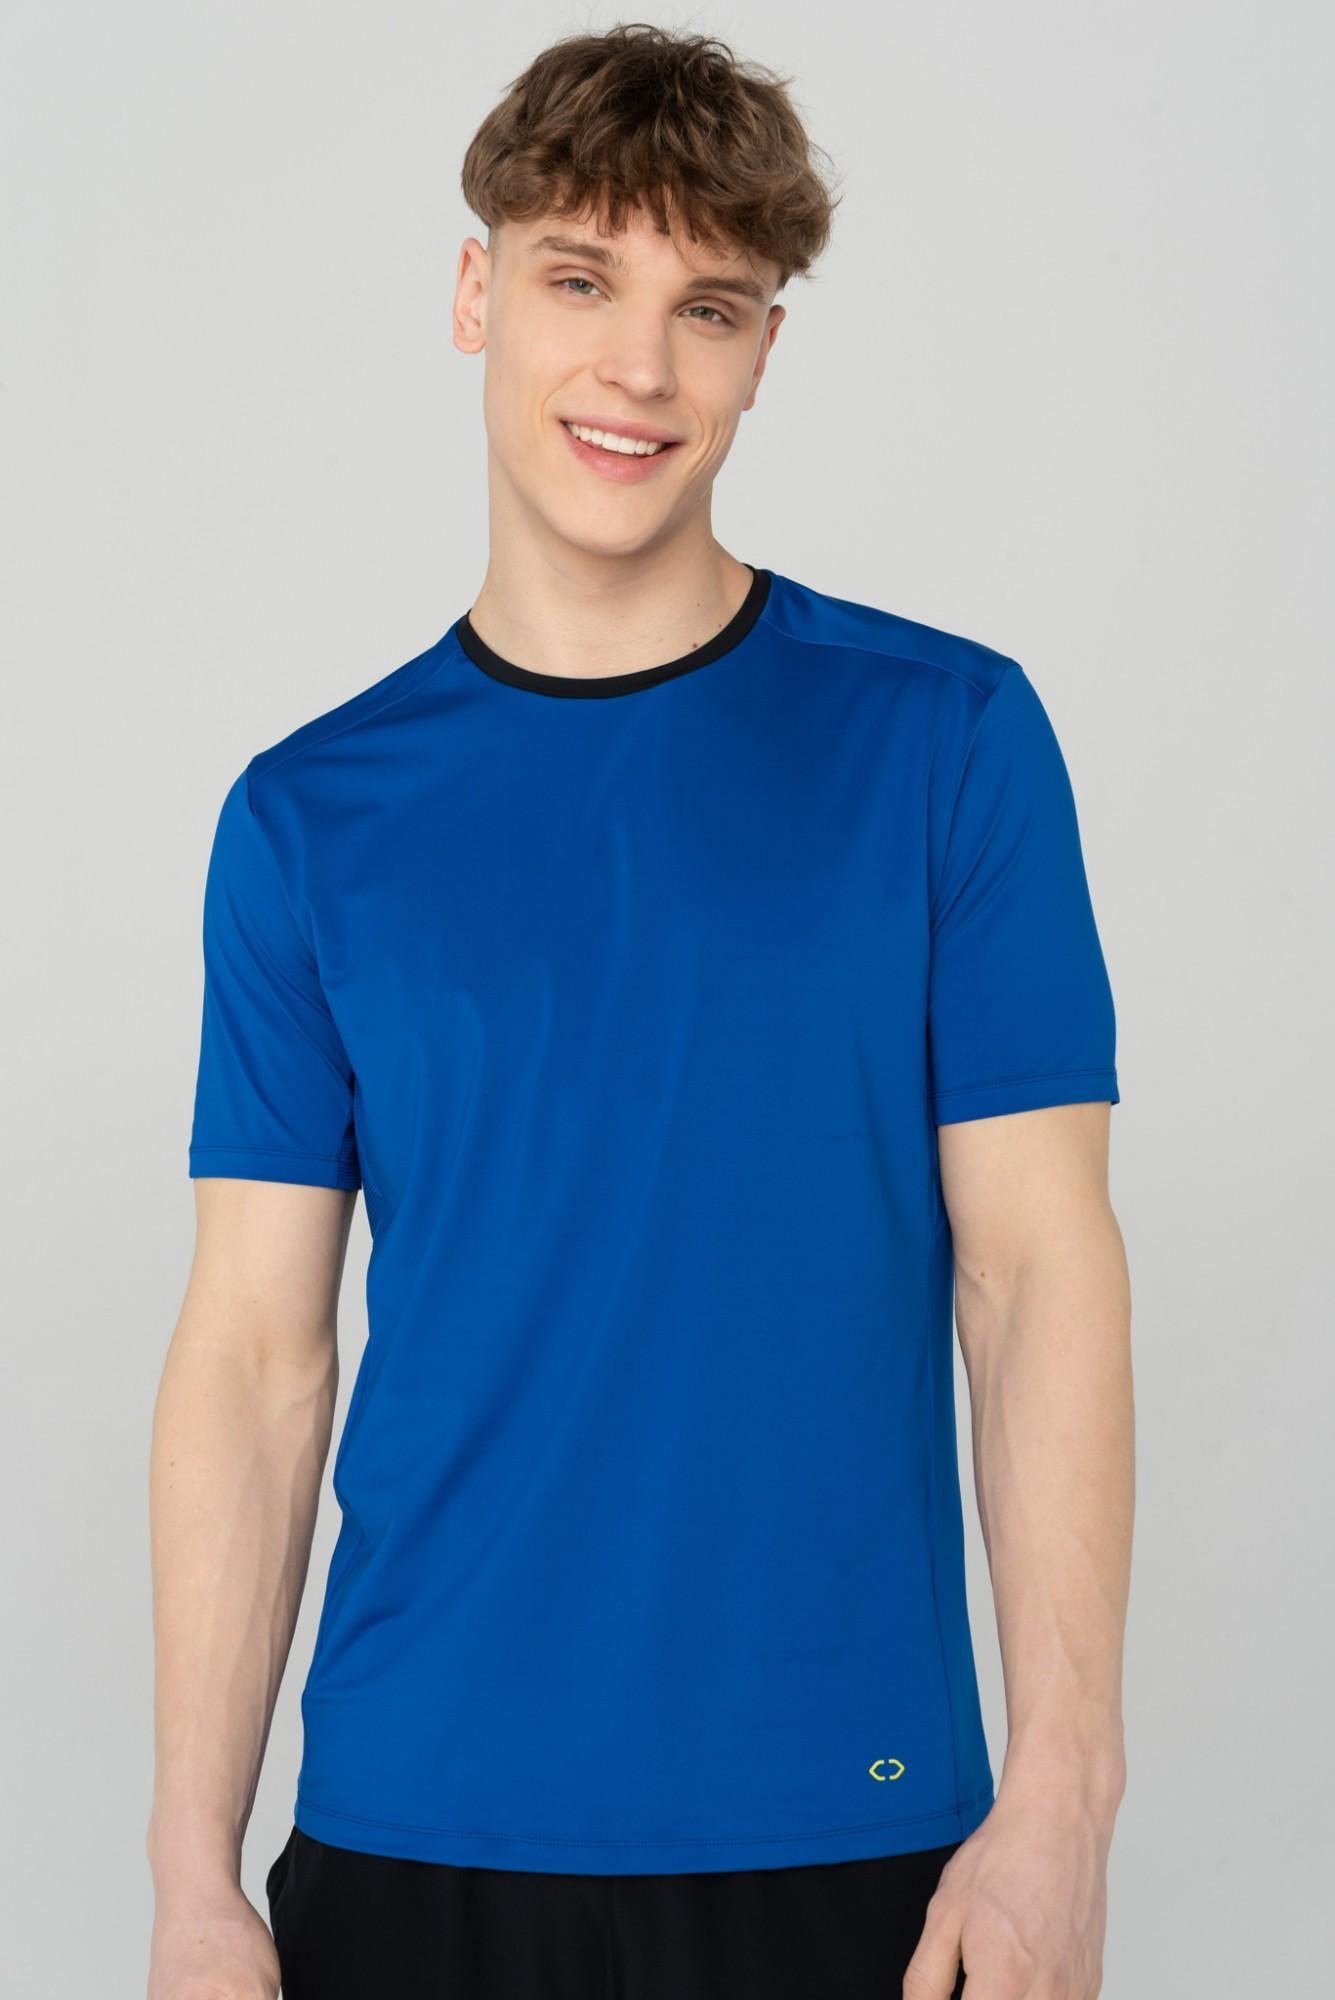 AUDIMAS Funkcionalūs marškinėliai 2111-678 Surf The Web XL